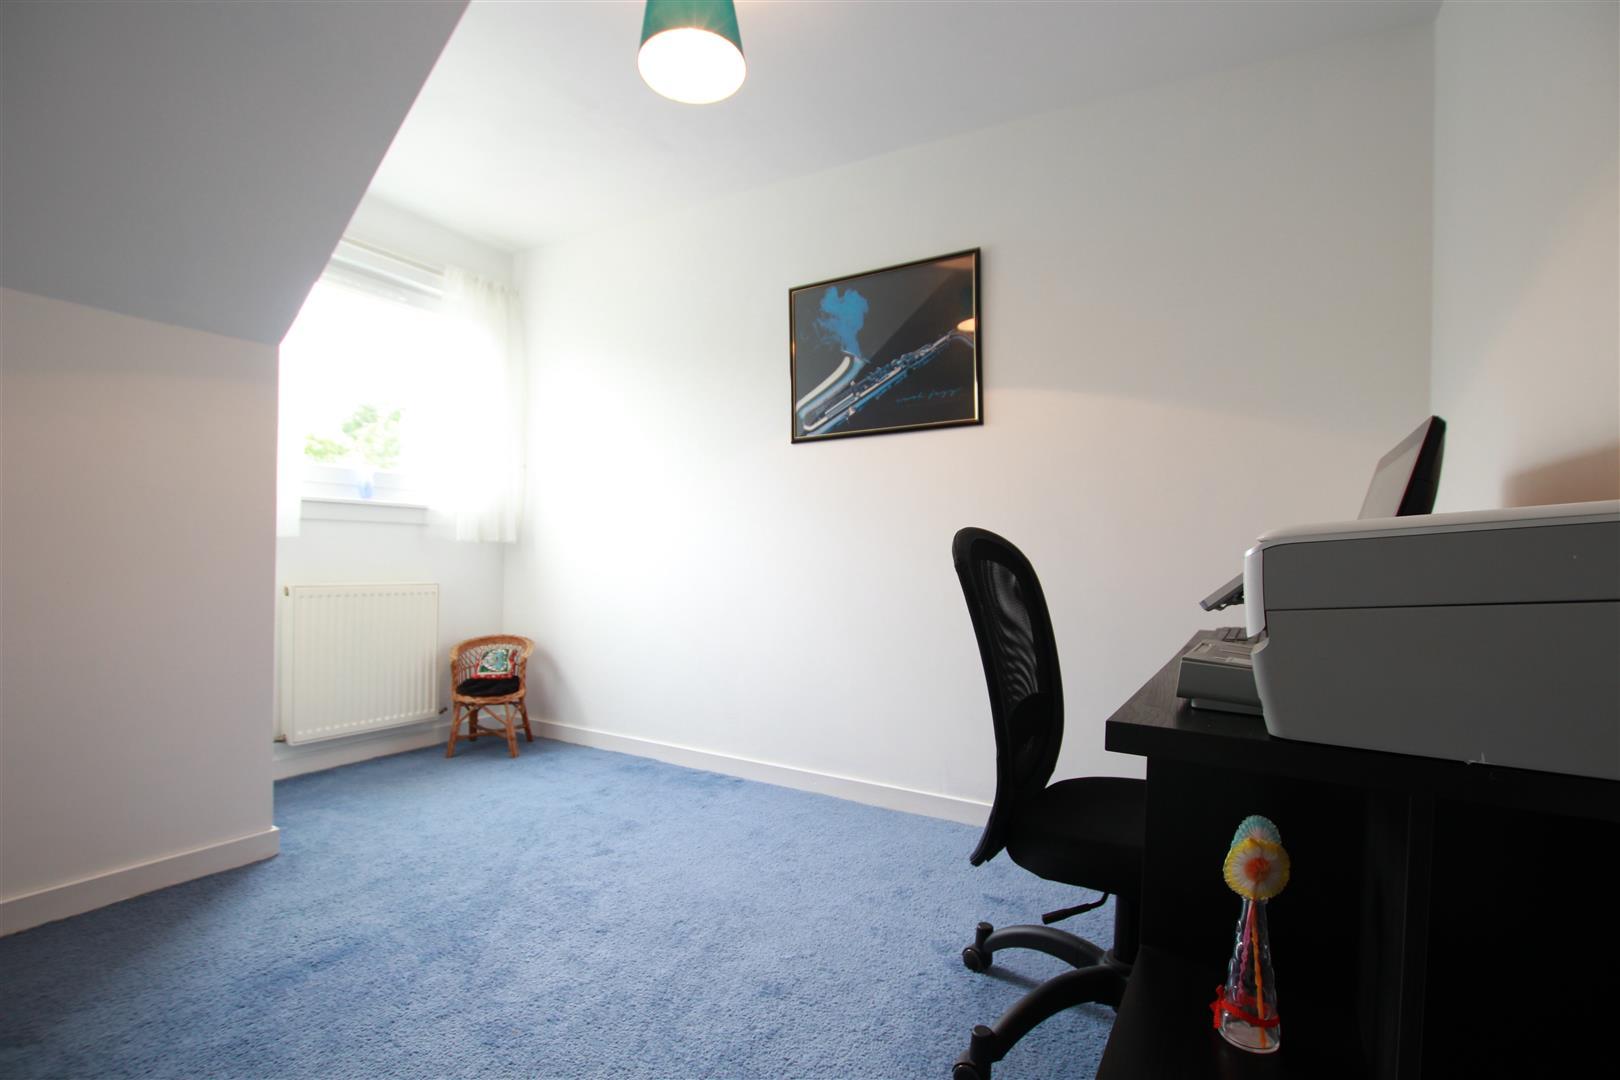 Bedroom5 / Office